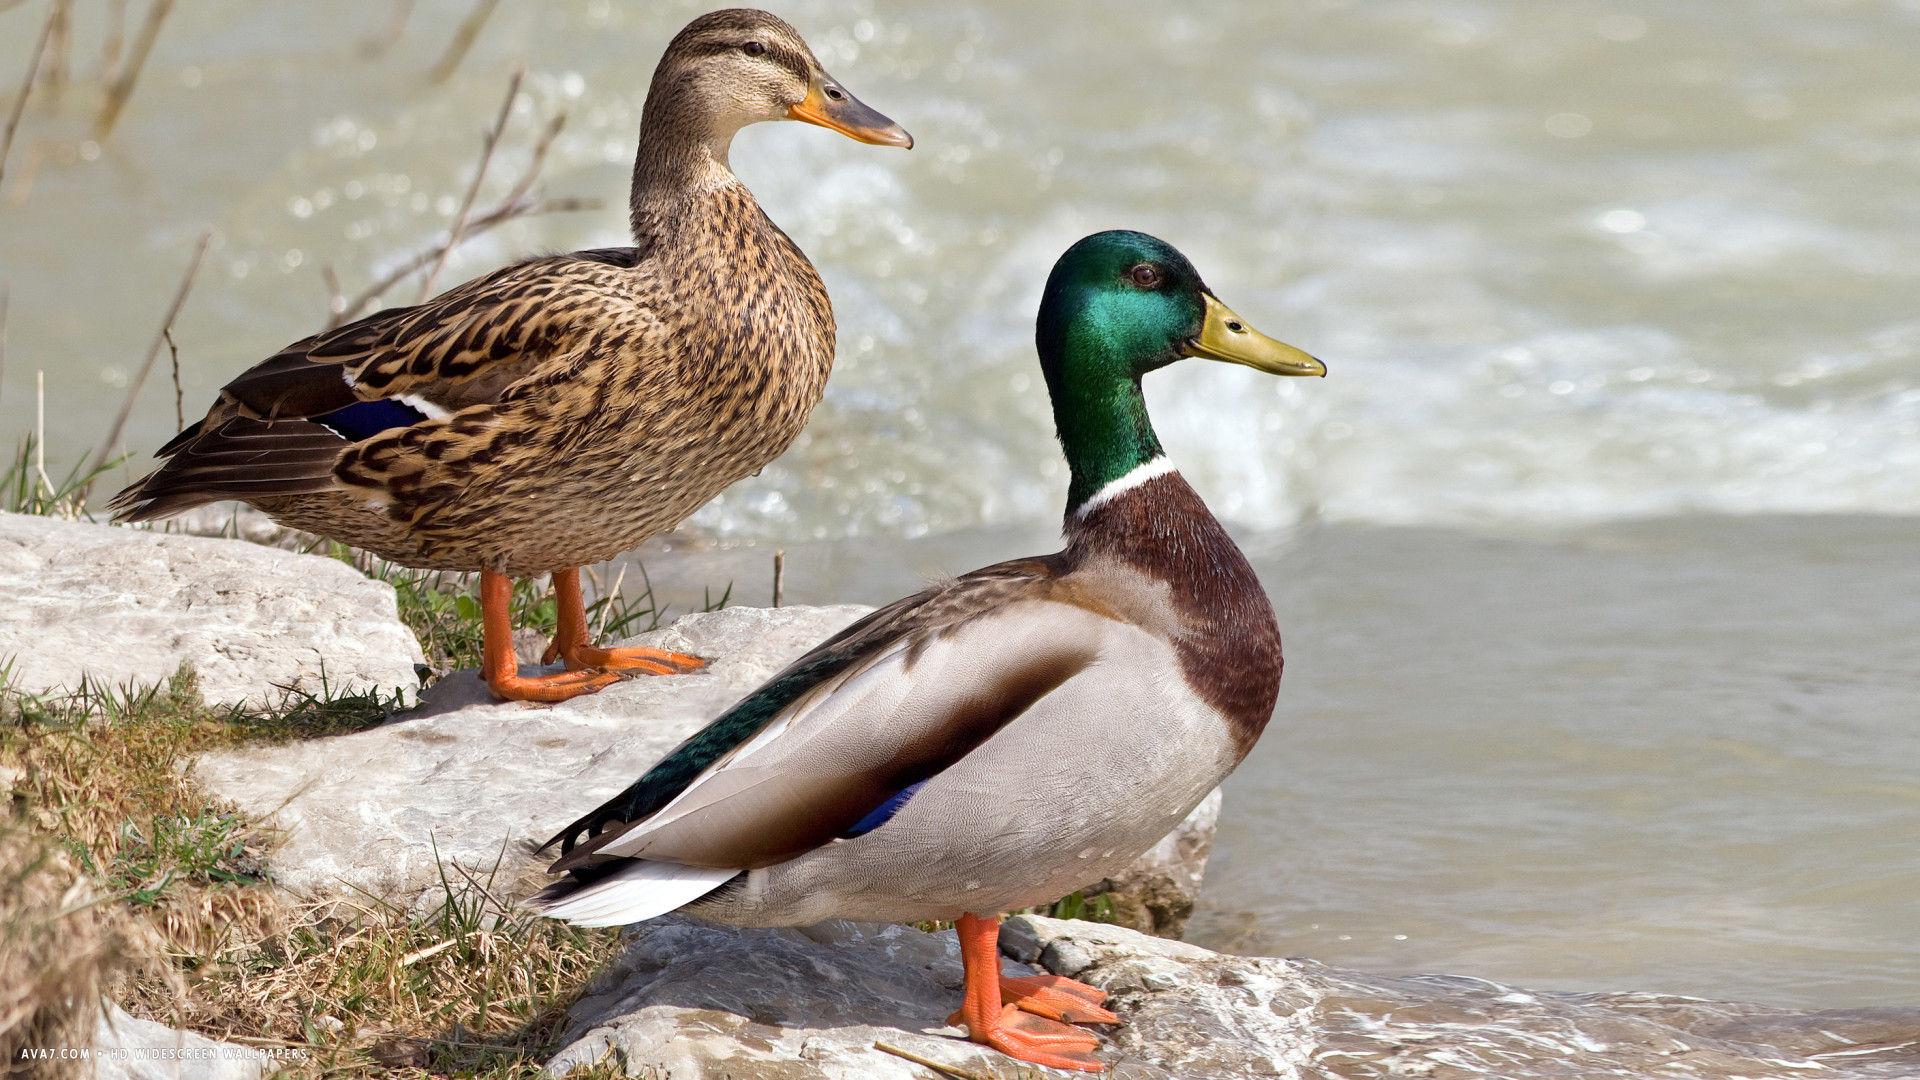 duck two ducks birds hd widescreen wallpaper / birds backgrounds